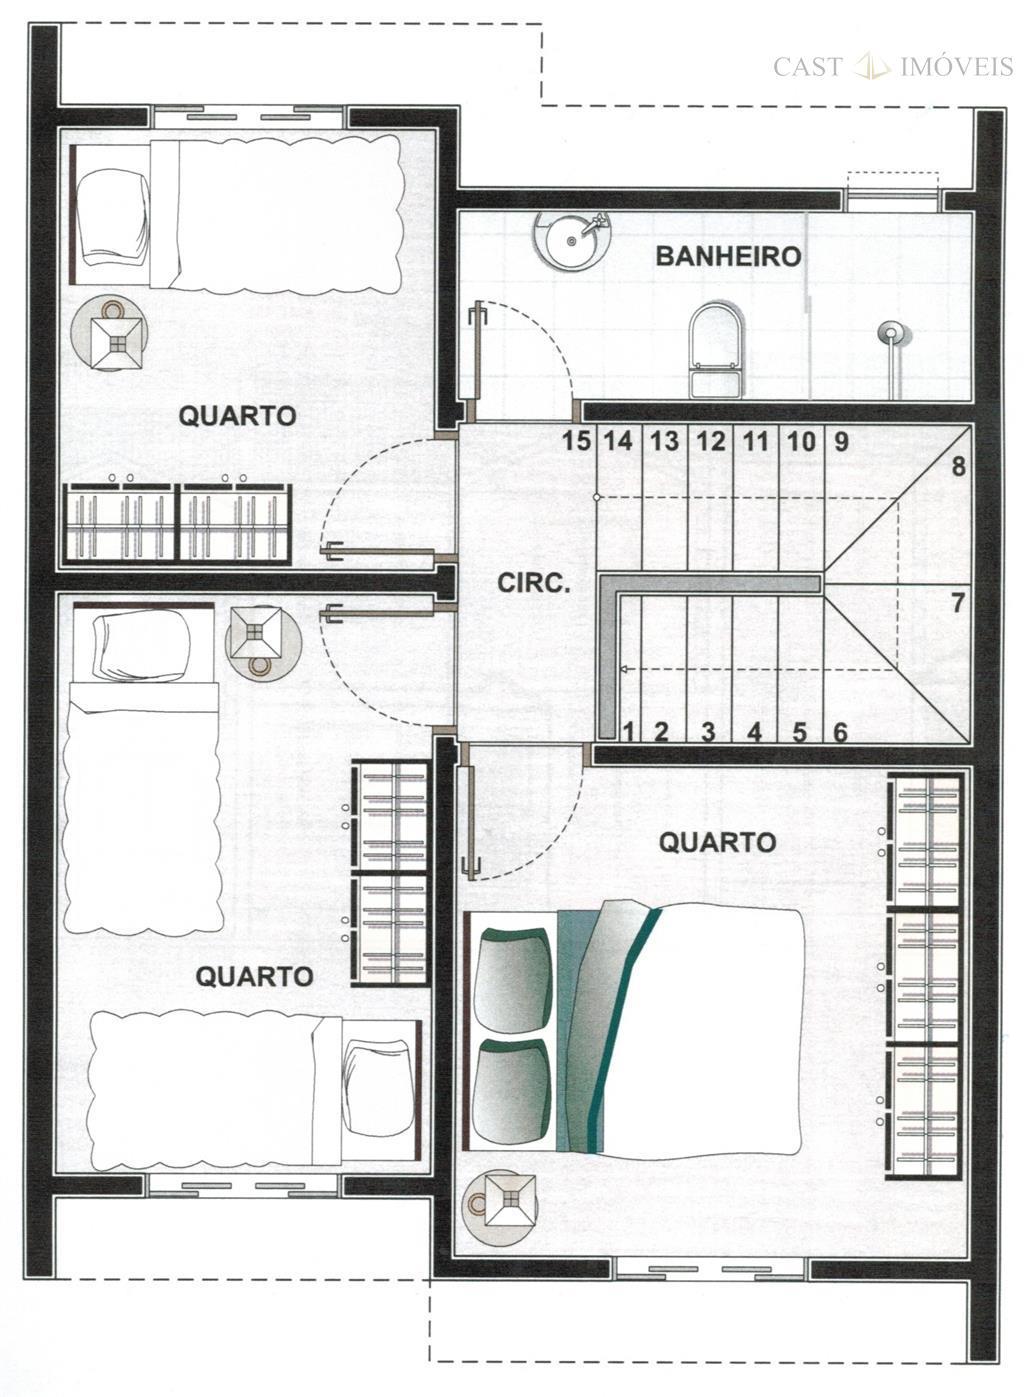 Sobrado de 3 dormitórios à venda em Tatuquara, Curitiba - PR